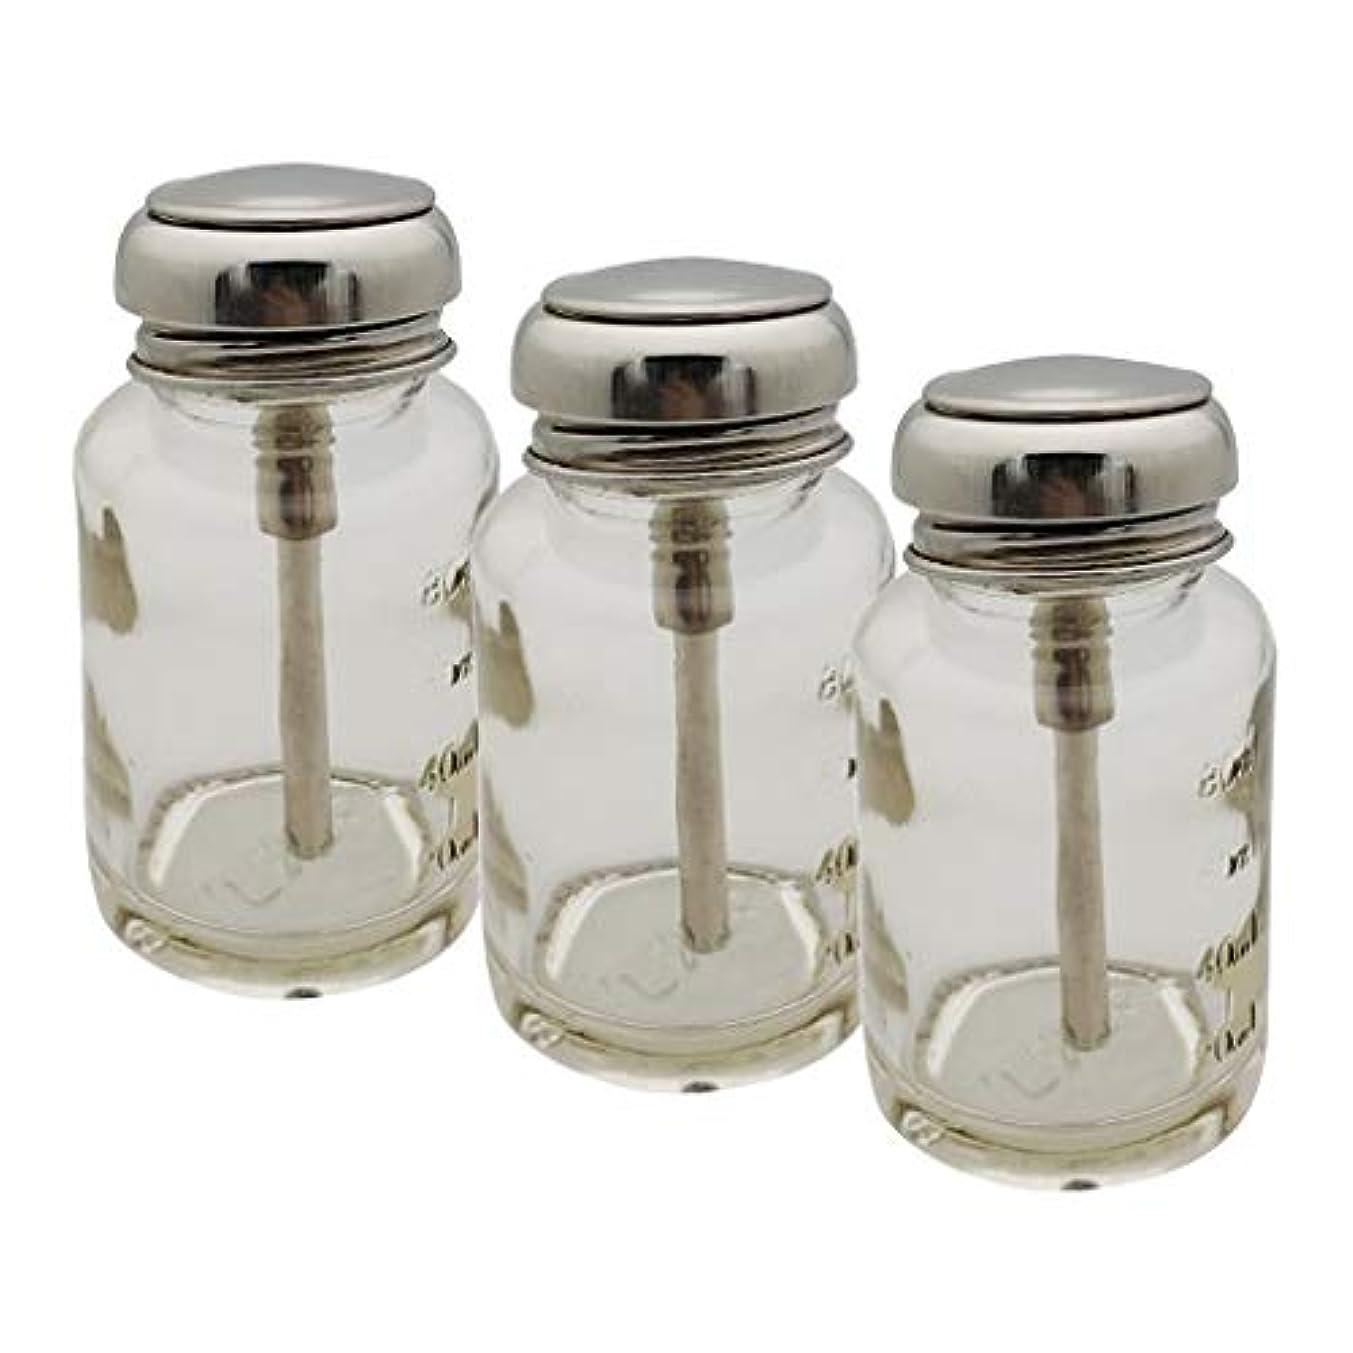 バンジージャンプエネルギーギャングスターCUTICATE ポンプディスペンサー ネイル ポンプボトル 容器 ネイルクリーナーボトル 充填簡単 防食 丈夫 3個入り